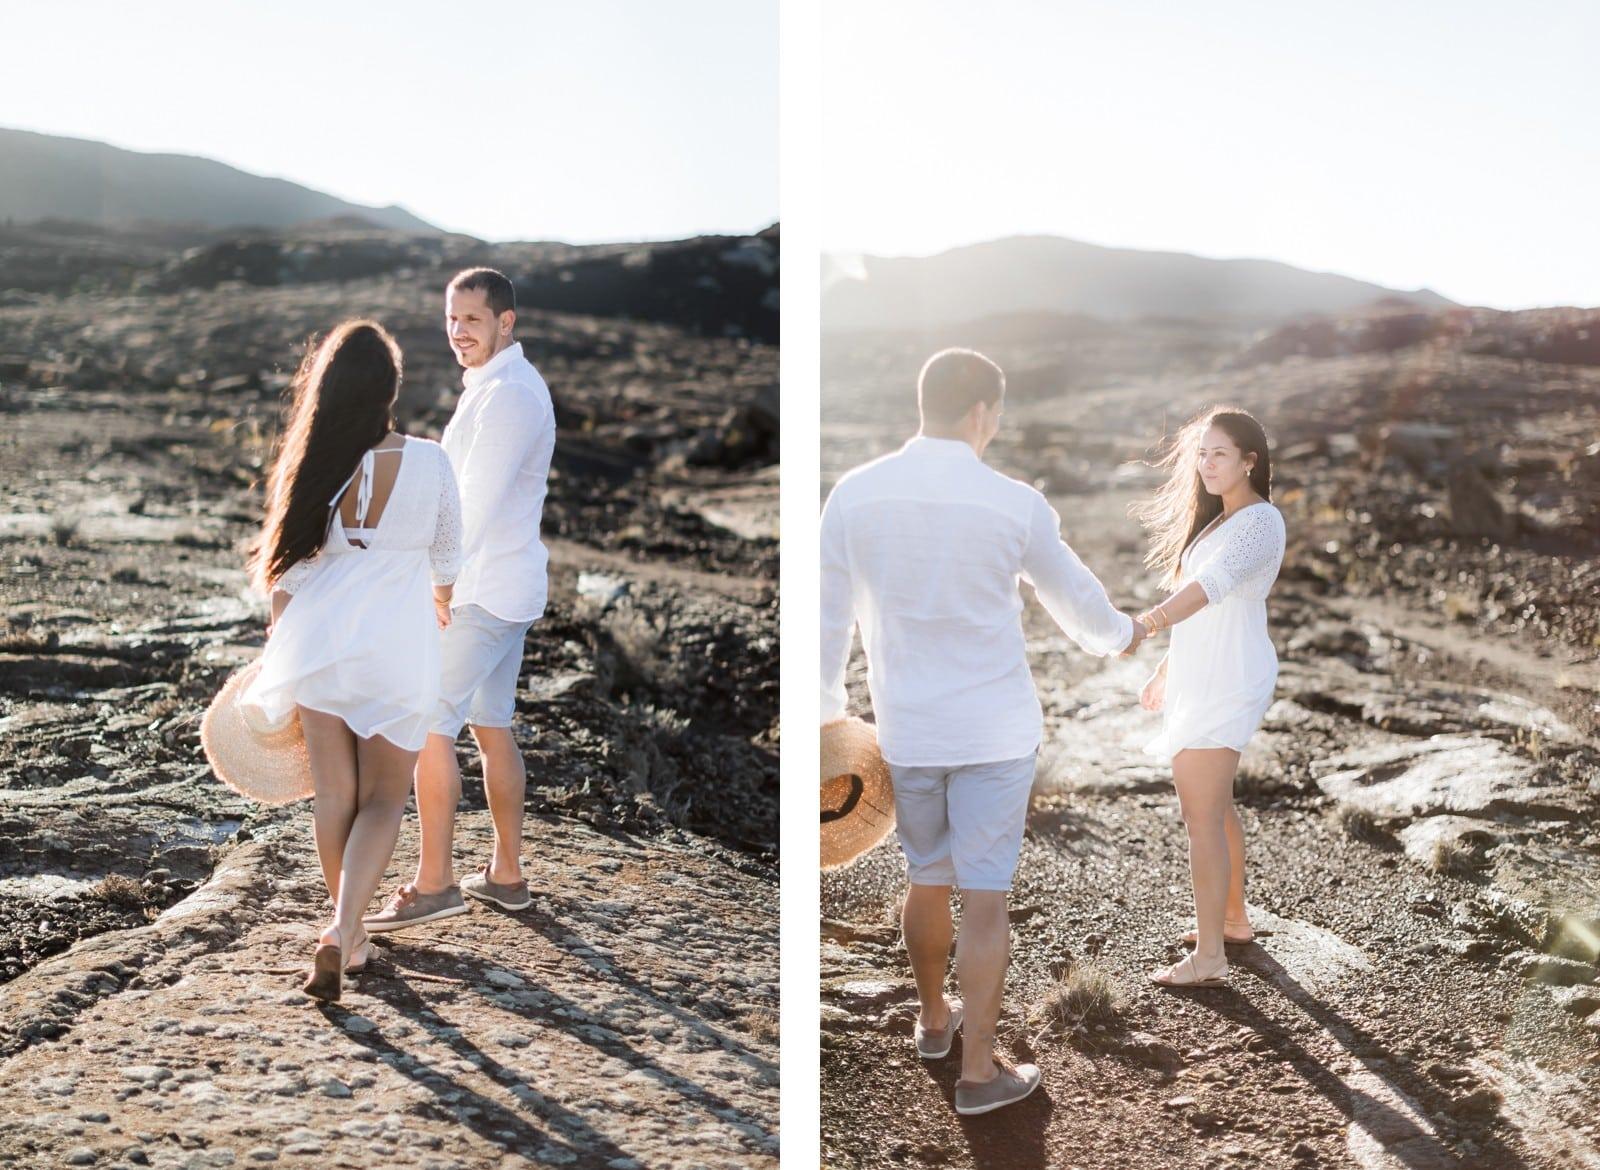 Photographie de Mathieu Dété, photographe de mariage et couple à Saint-Paul de la Réunion 974, présentant un couple qui se tient par la main sur les roches volcaniques au Pas des Sables